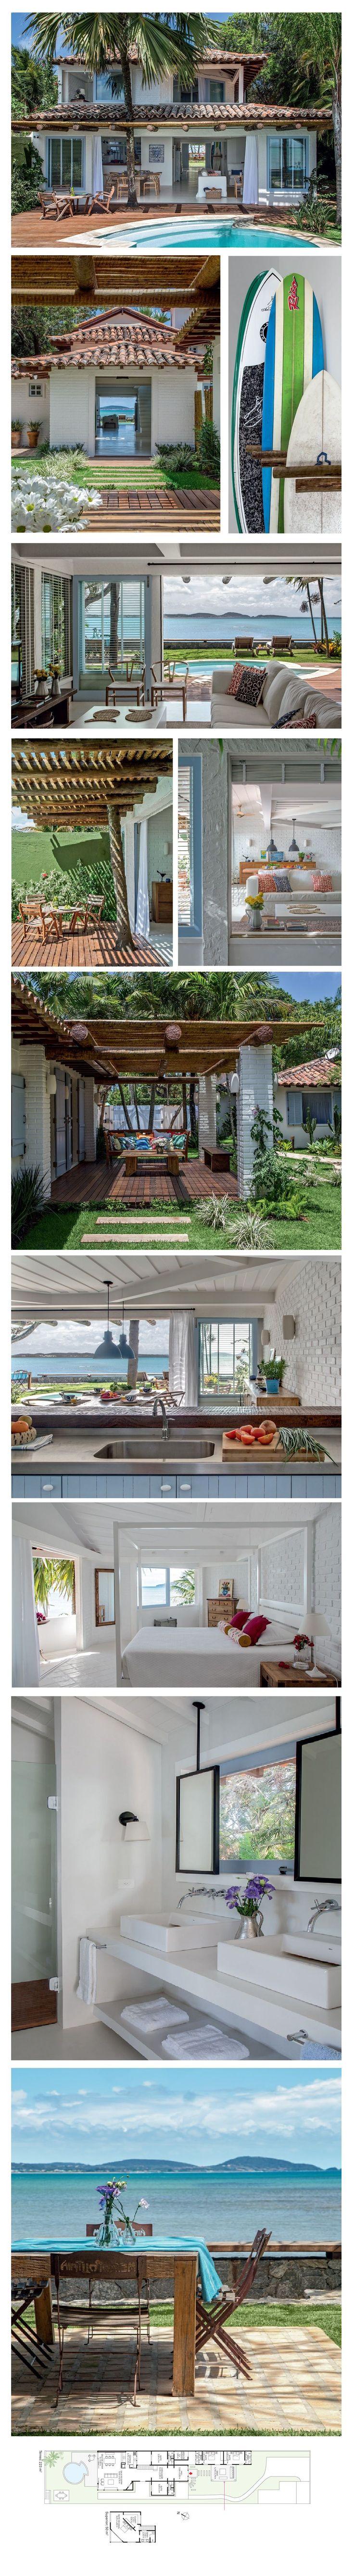 Beach house in Buzios http://casa.abril.com.br/materia/reforma-na-casa-em-buzios#1 La casa de mis sueños <3